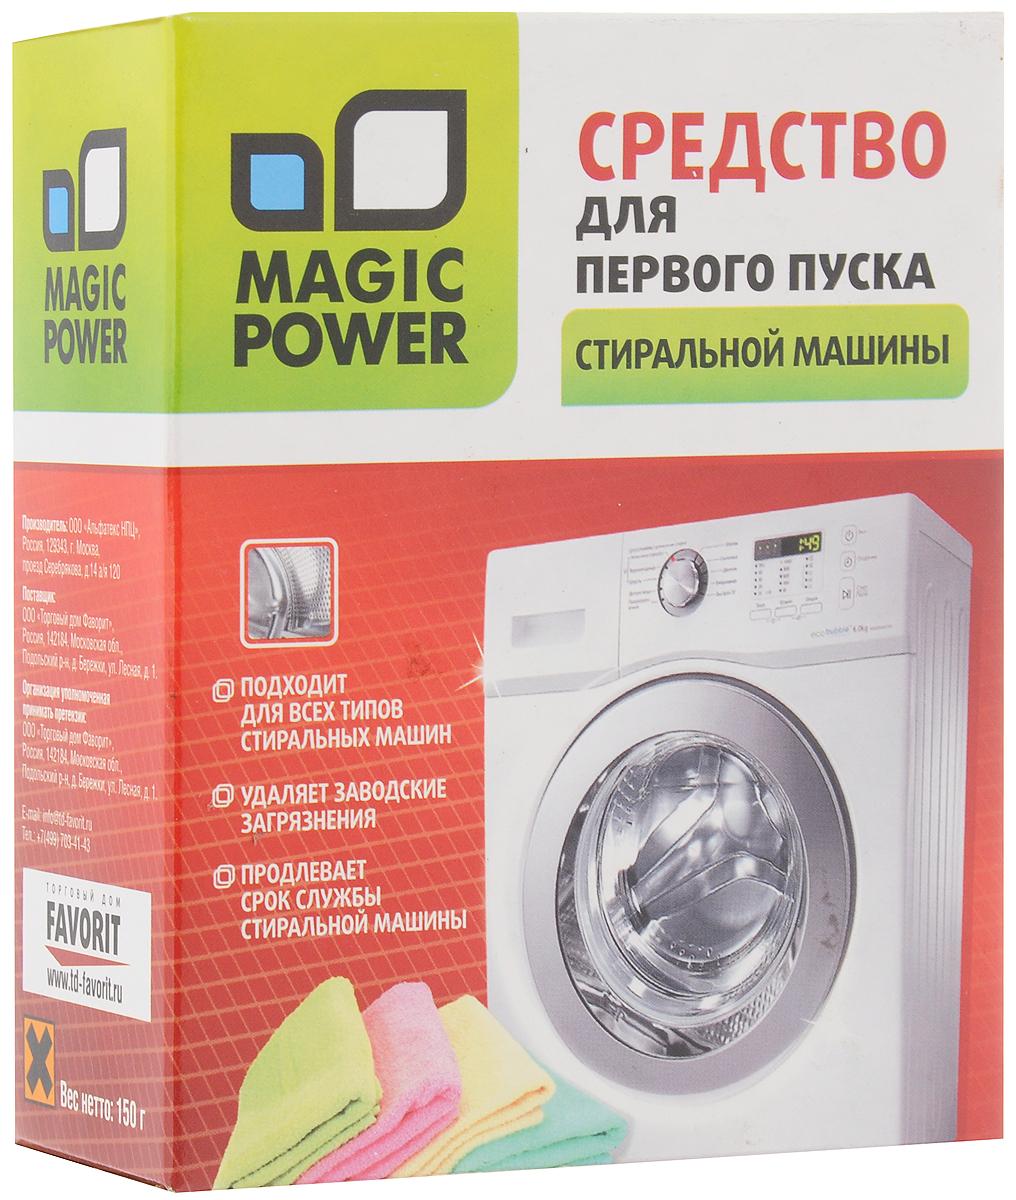 Средство для первого пуска стиральной машины